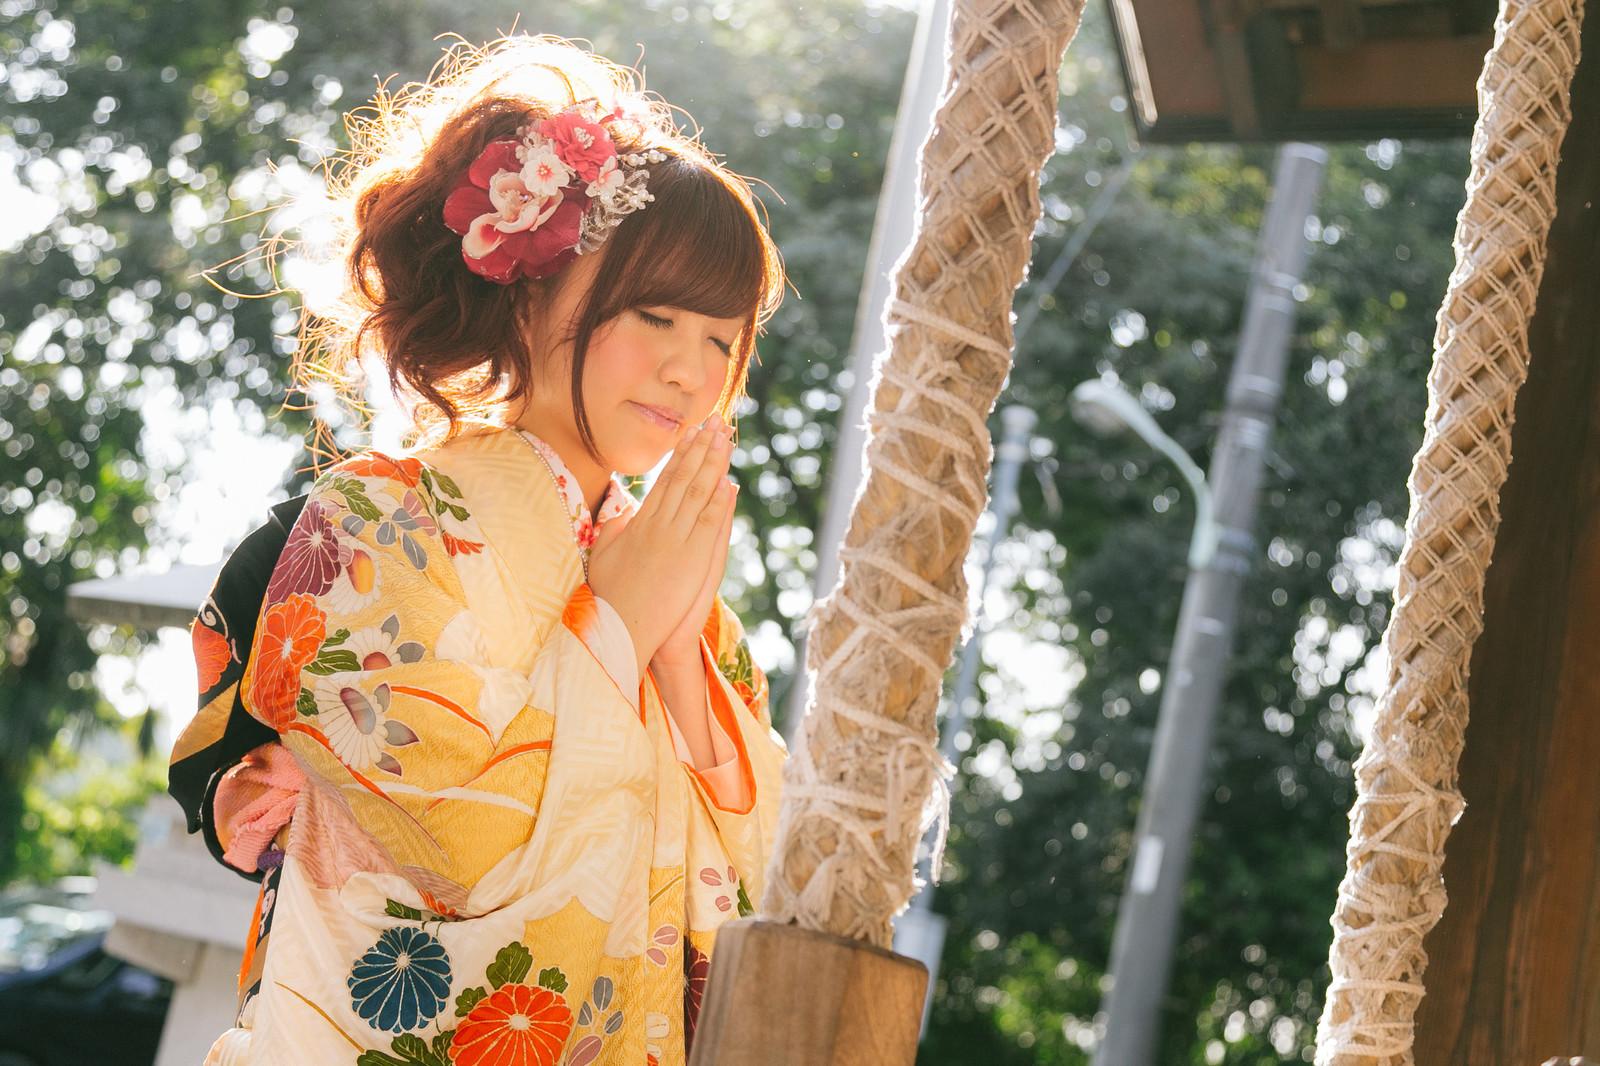 「三社参り」は福岡の伝統ある風習!名前の由来やおすすめの神社もご紹介!